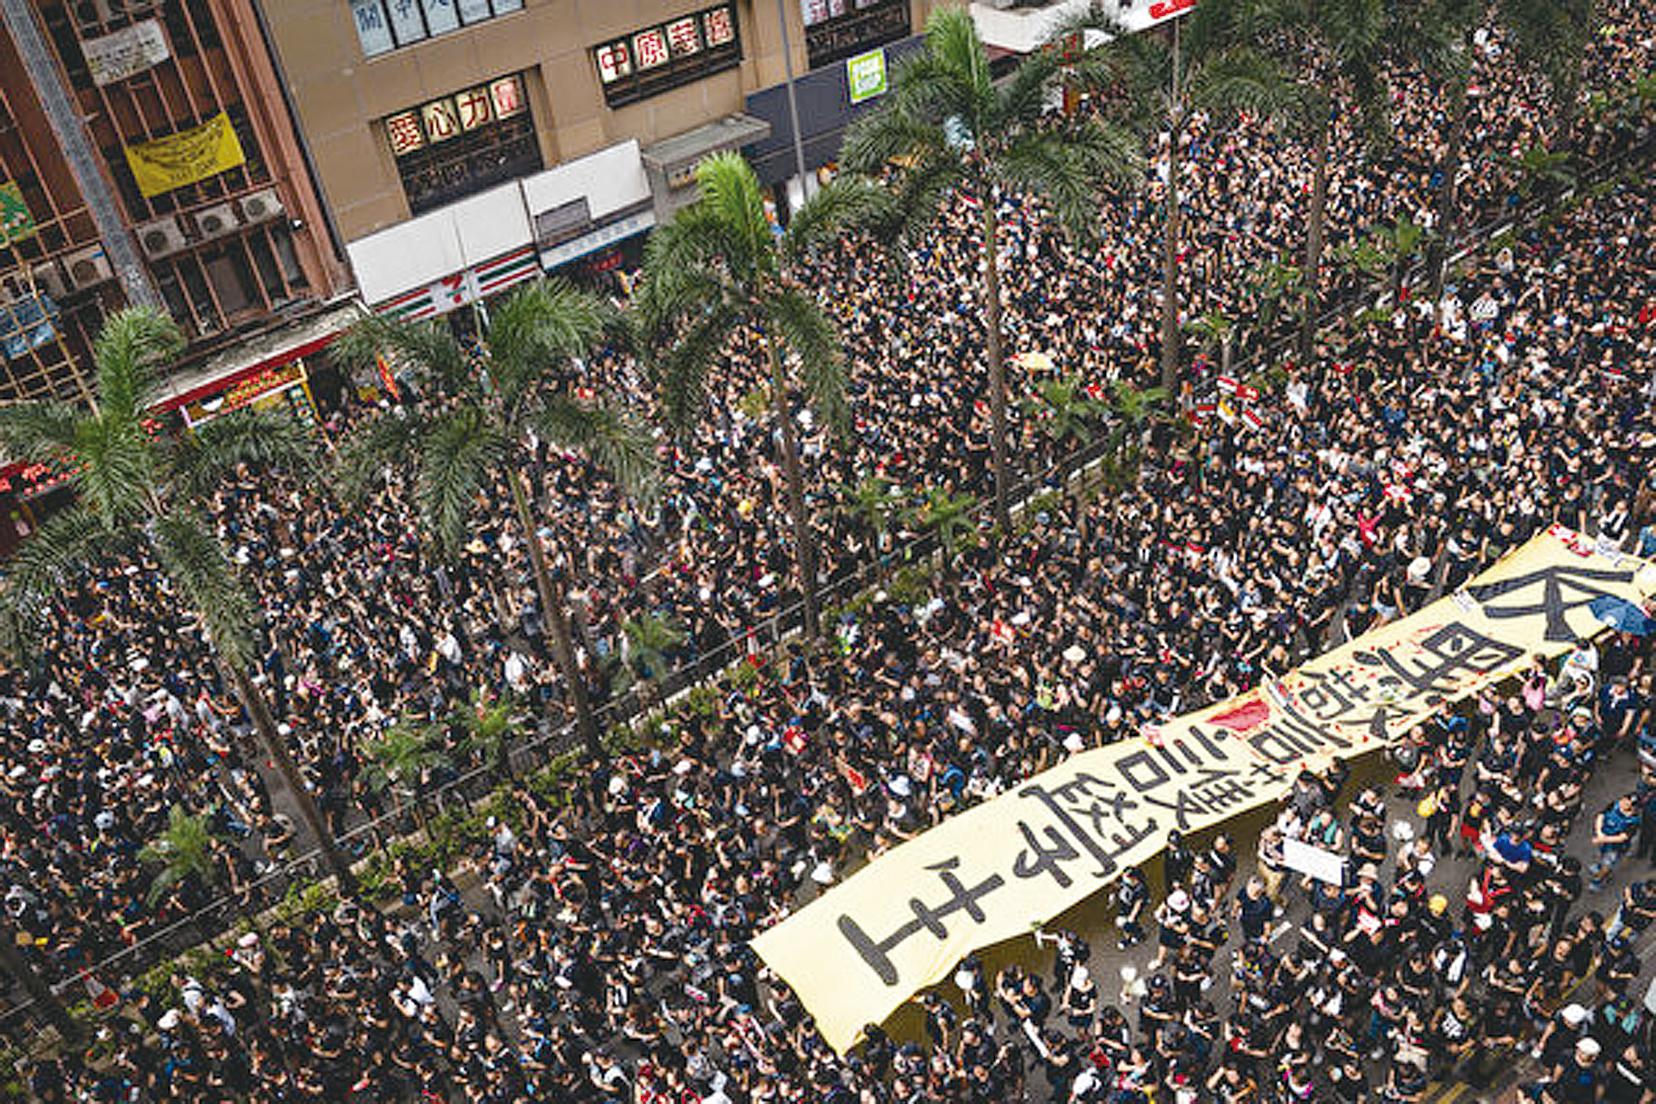 2019年6月16日,香港反送中大遊行,由高空所見,人山人海。(Anthony Kwan/Getty Images)